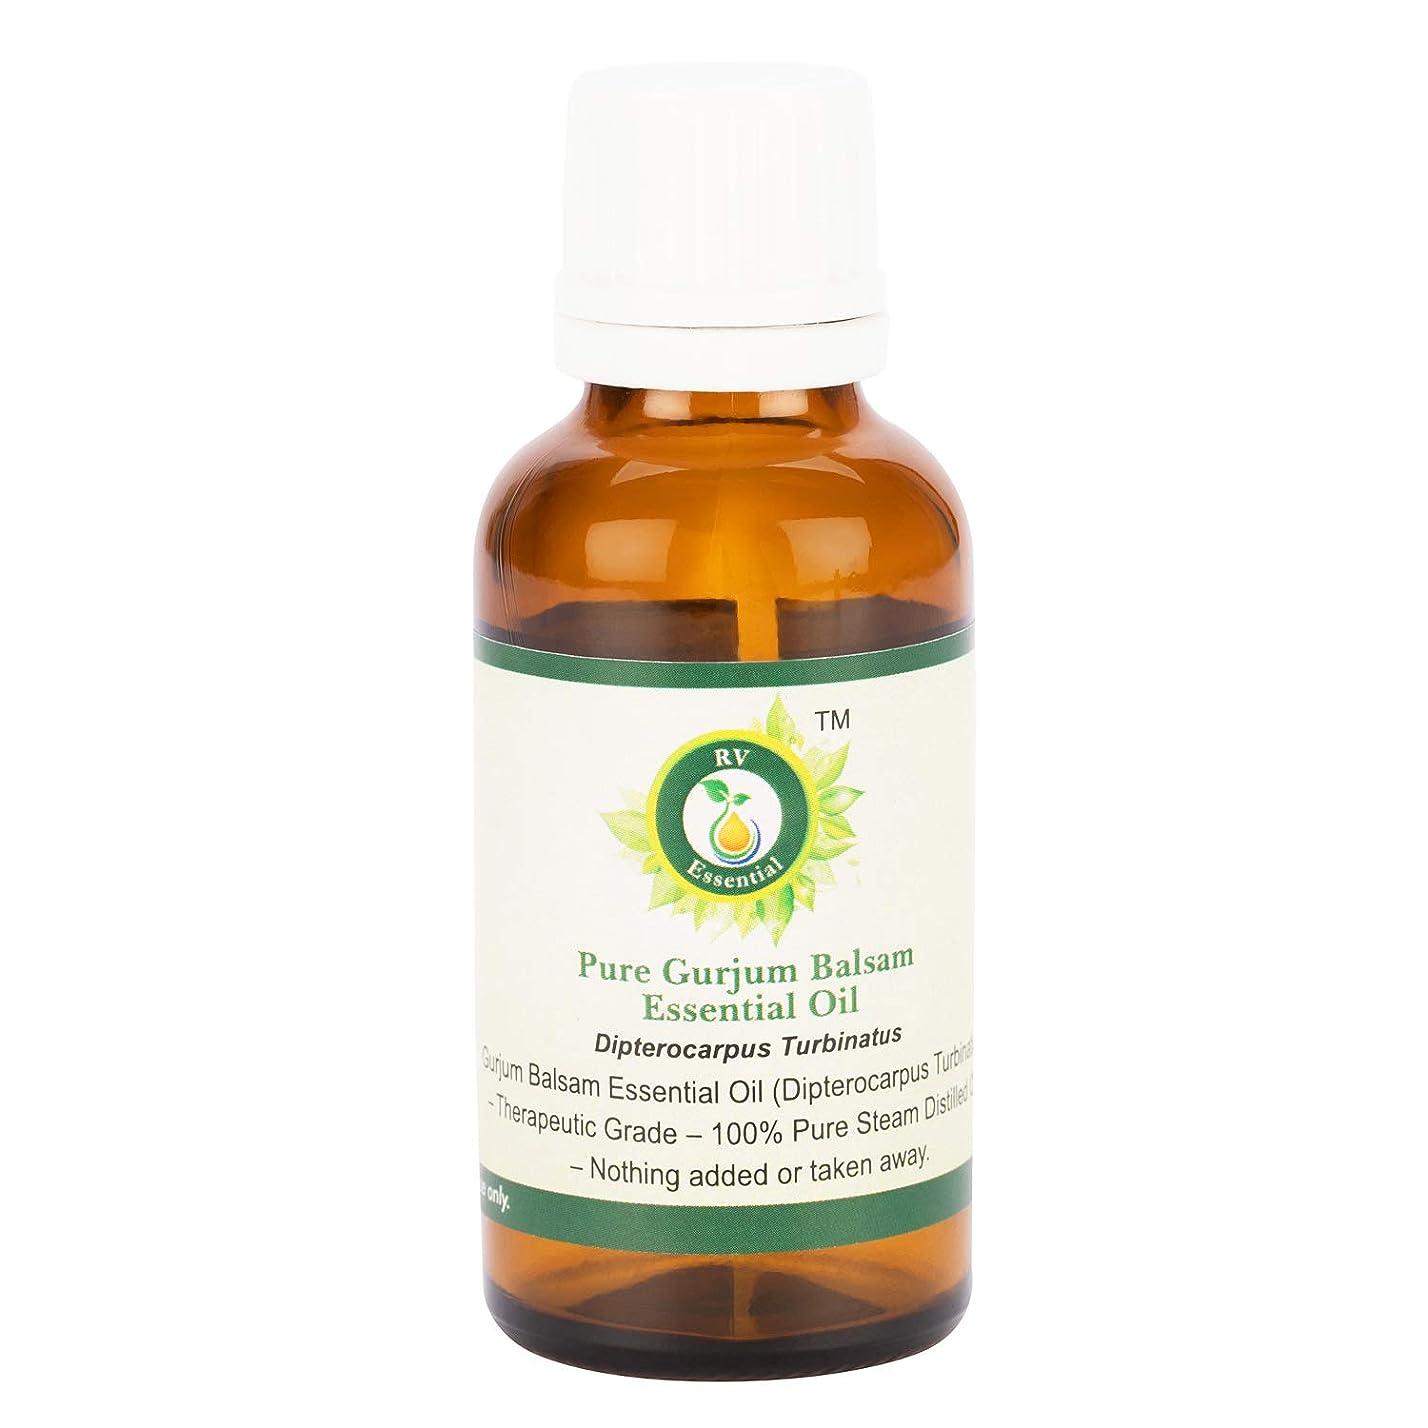 発明忘れる古風なピュアGurjumバルサムエッセンシャルオイル630ml (21oz)- Dipterocarpus Turbinatus (100%純粋&天然スチームDistilled) Pure Gurjum Balsam Essential Oil